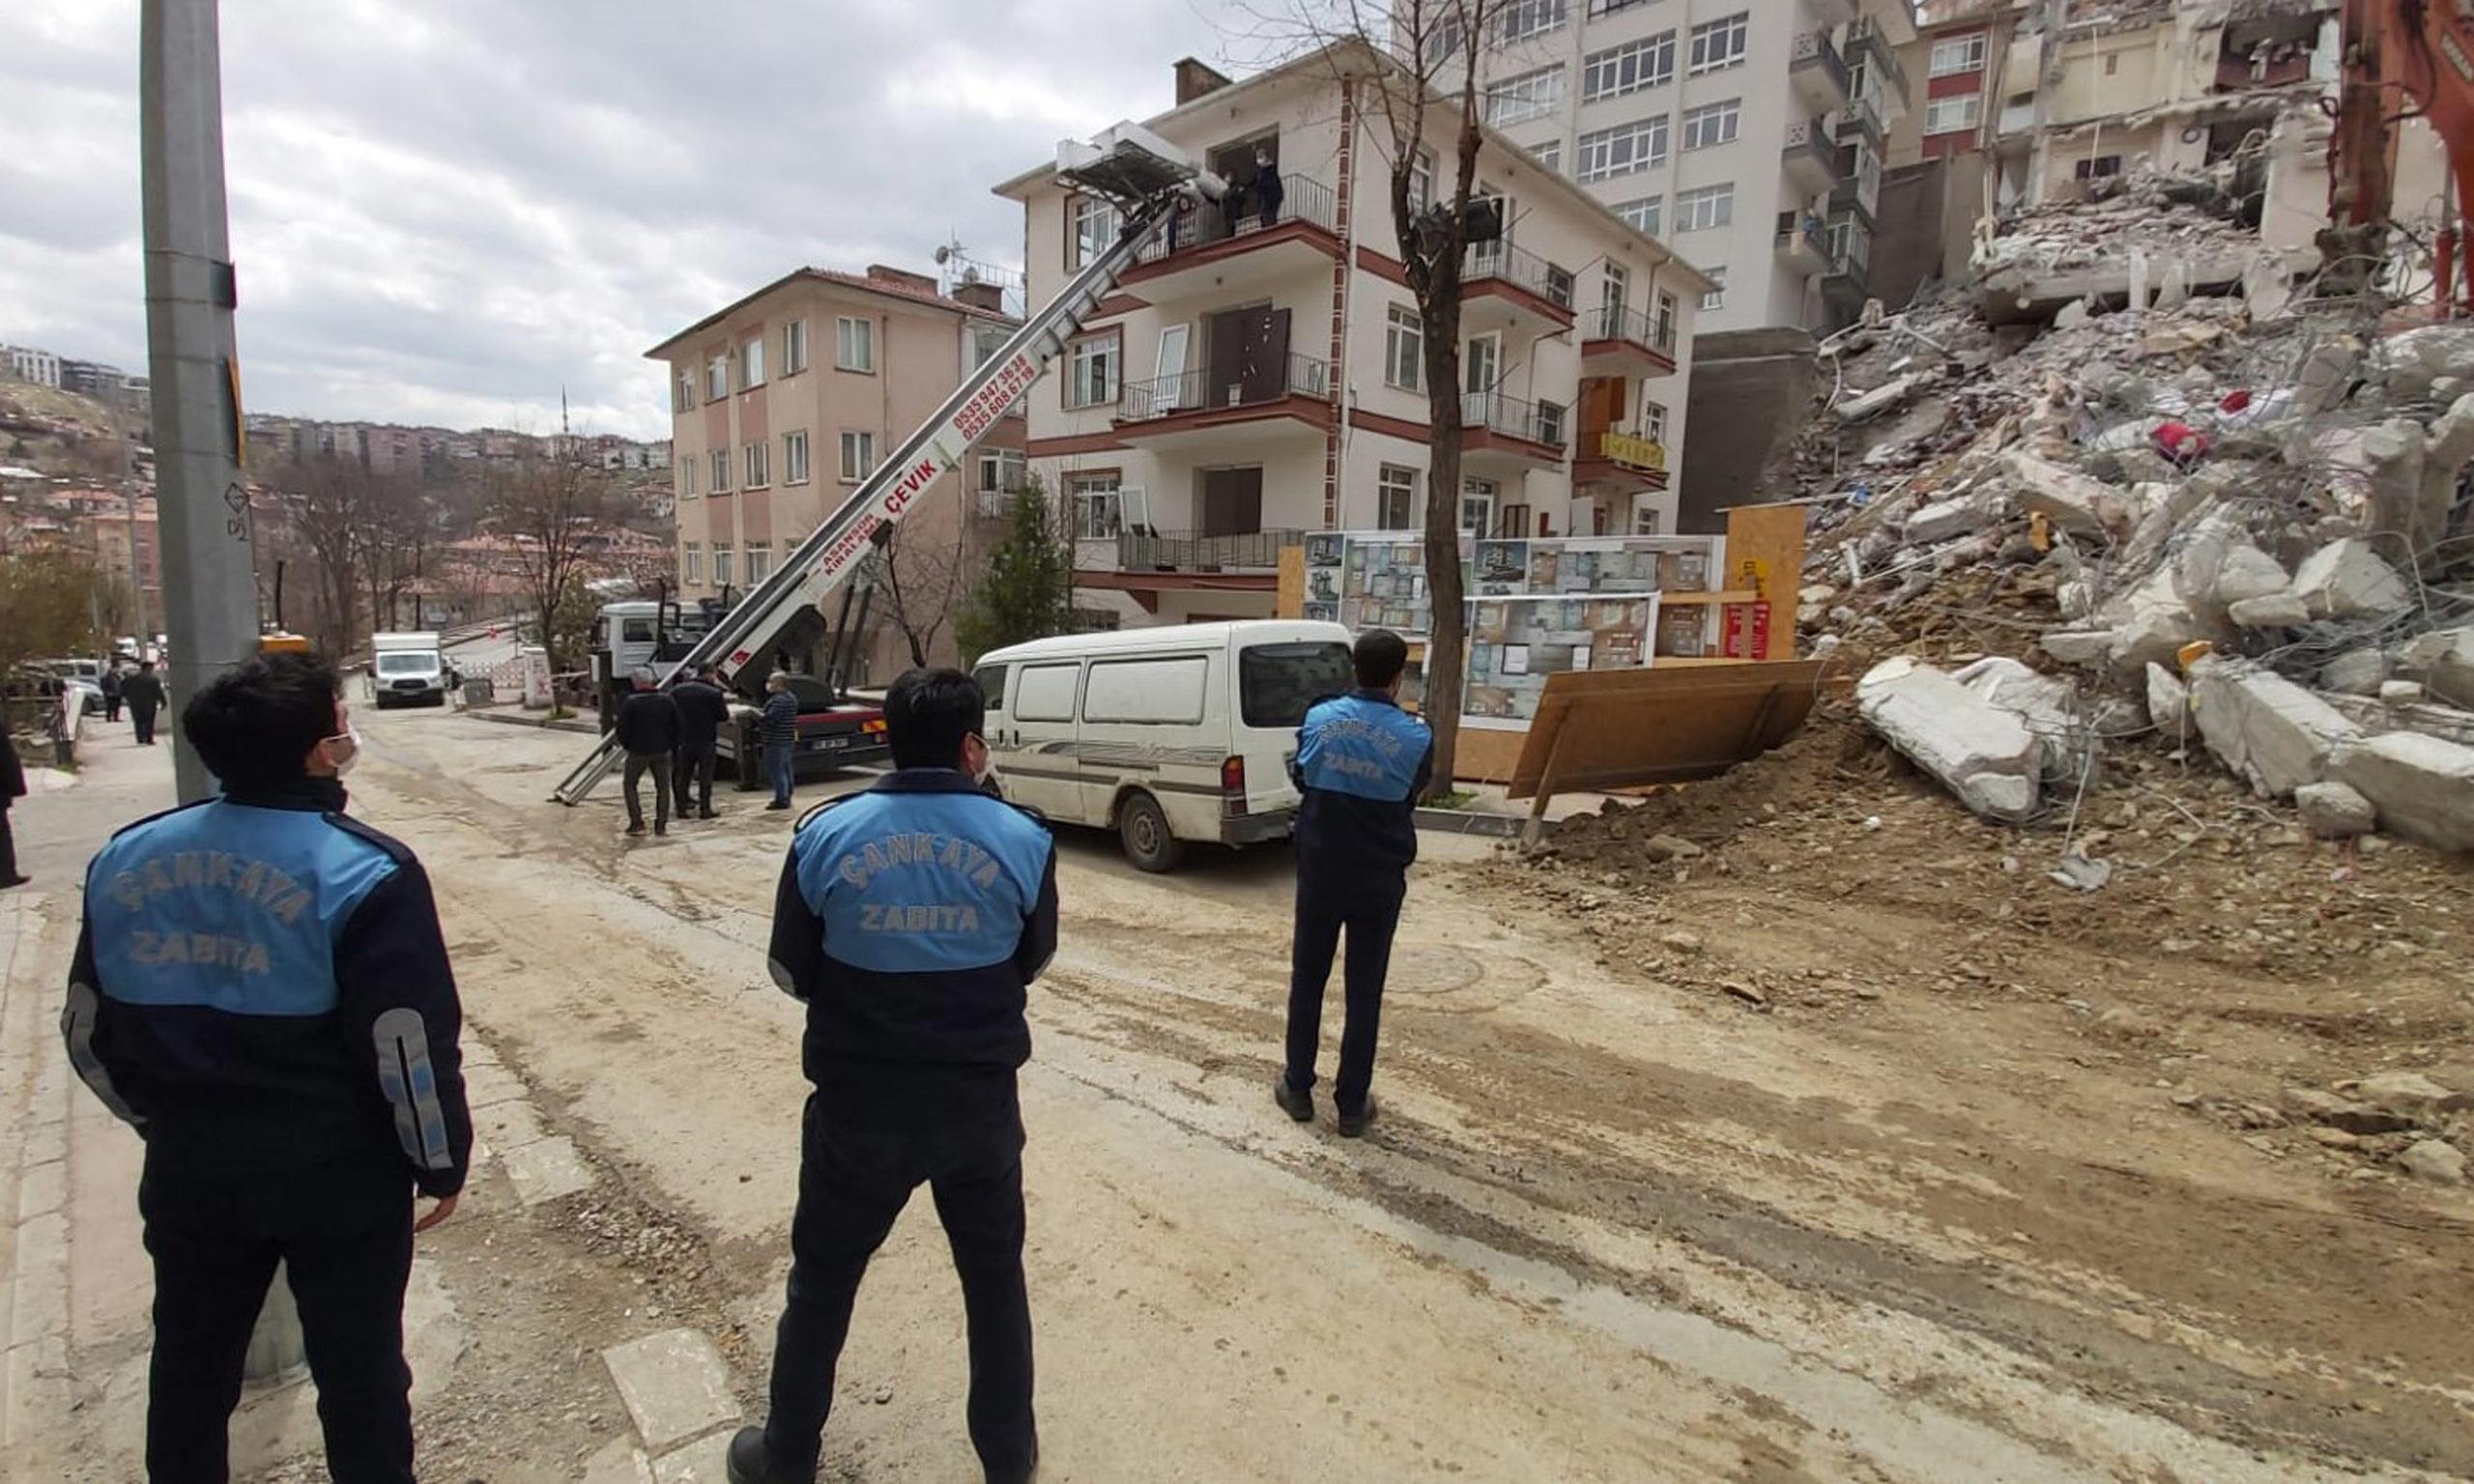 Çankaya'da Açelya Apartmanı Mağdurlarına Nakit Desteği